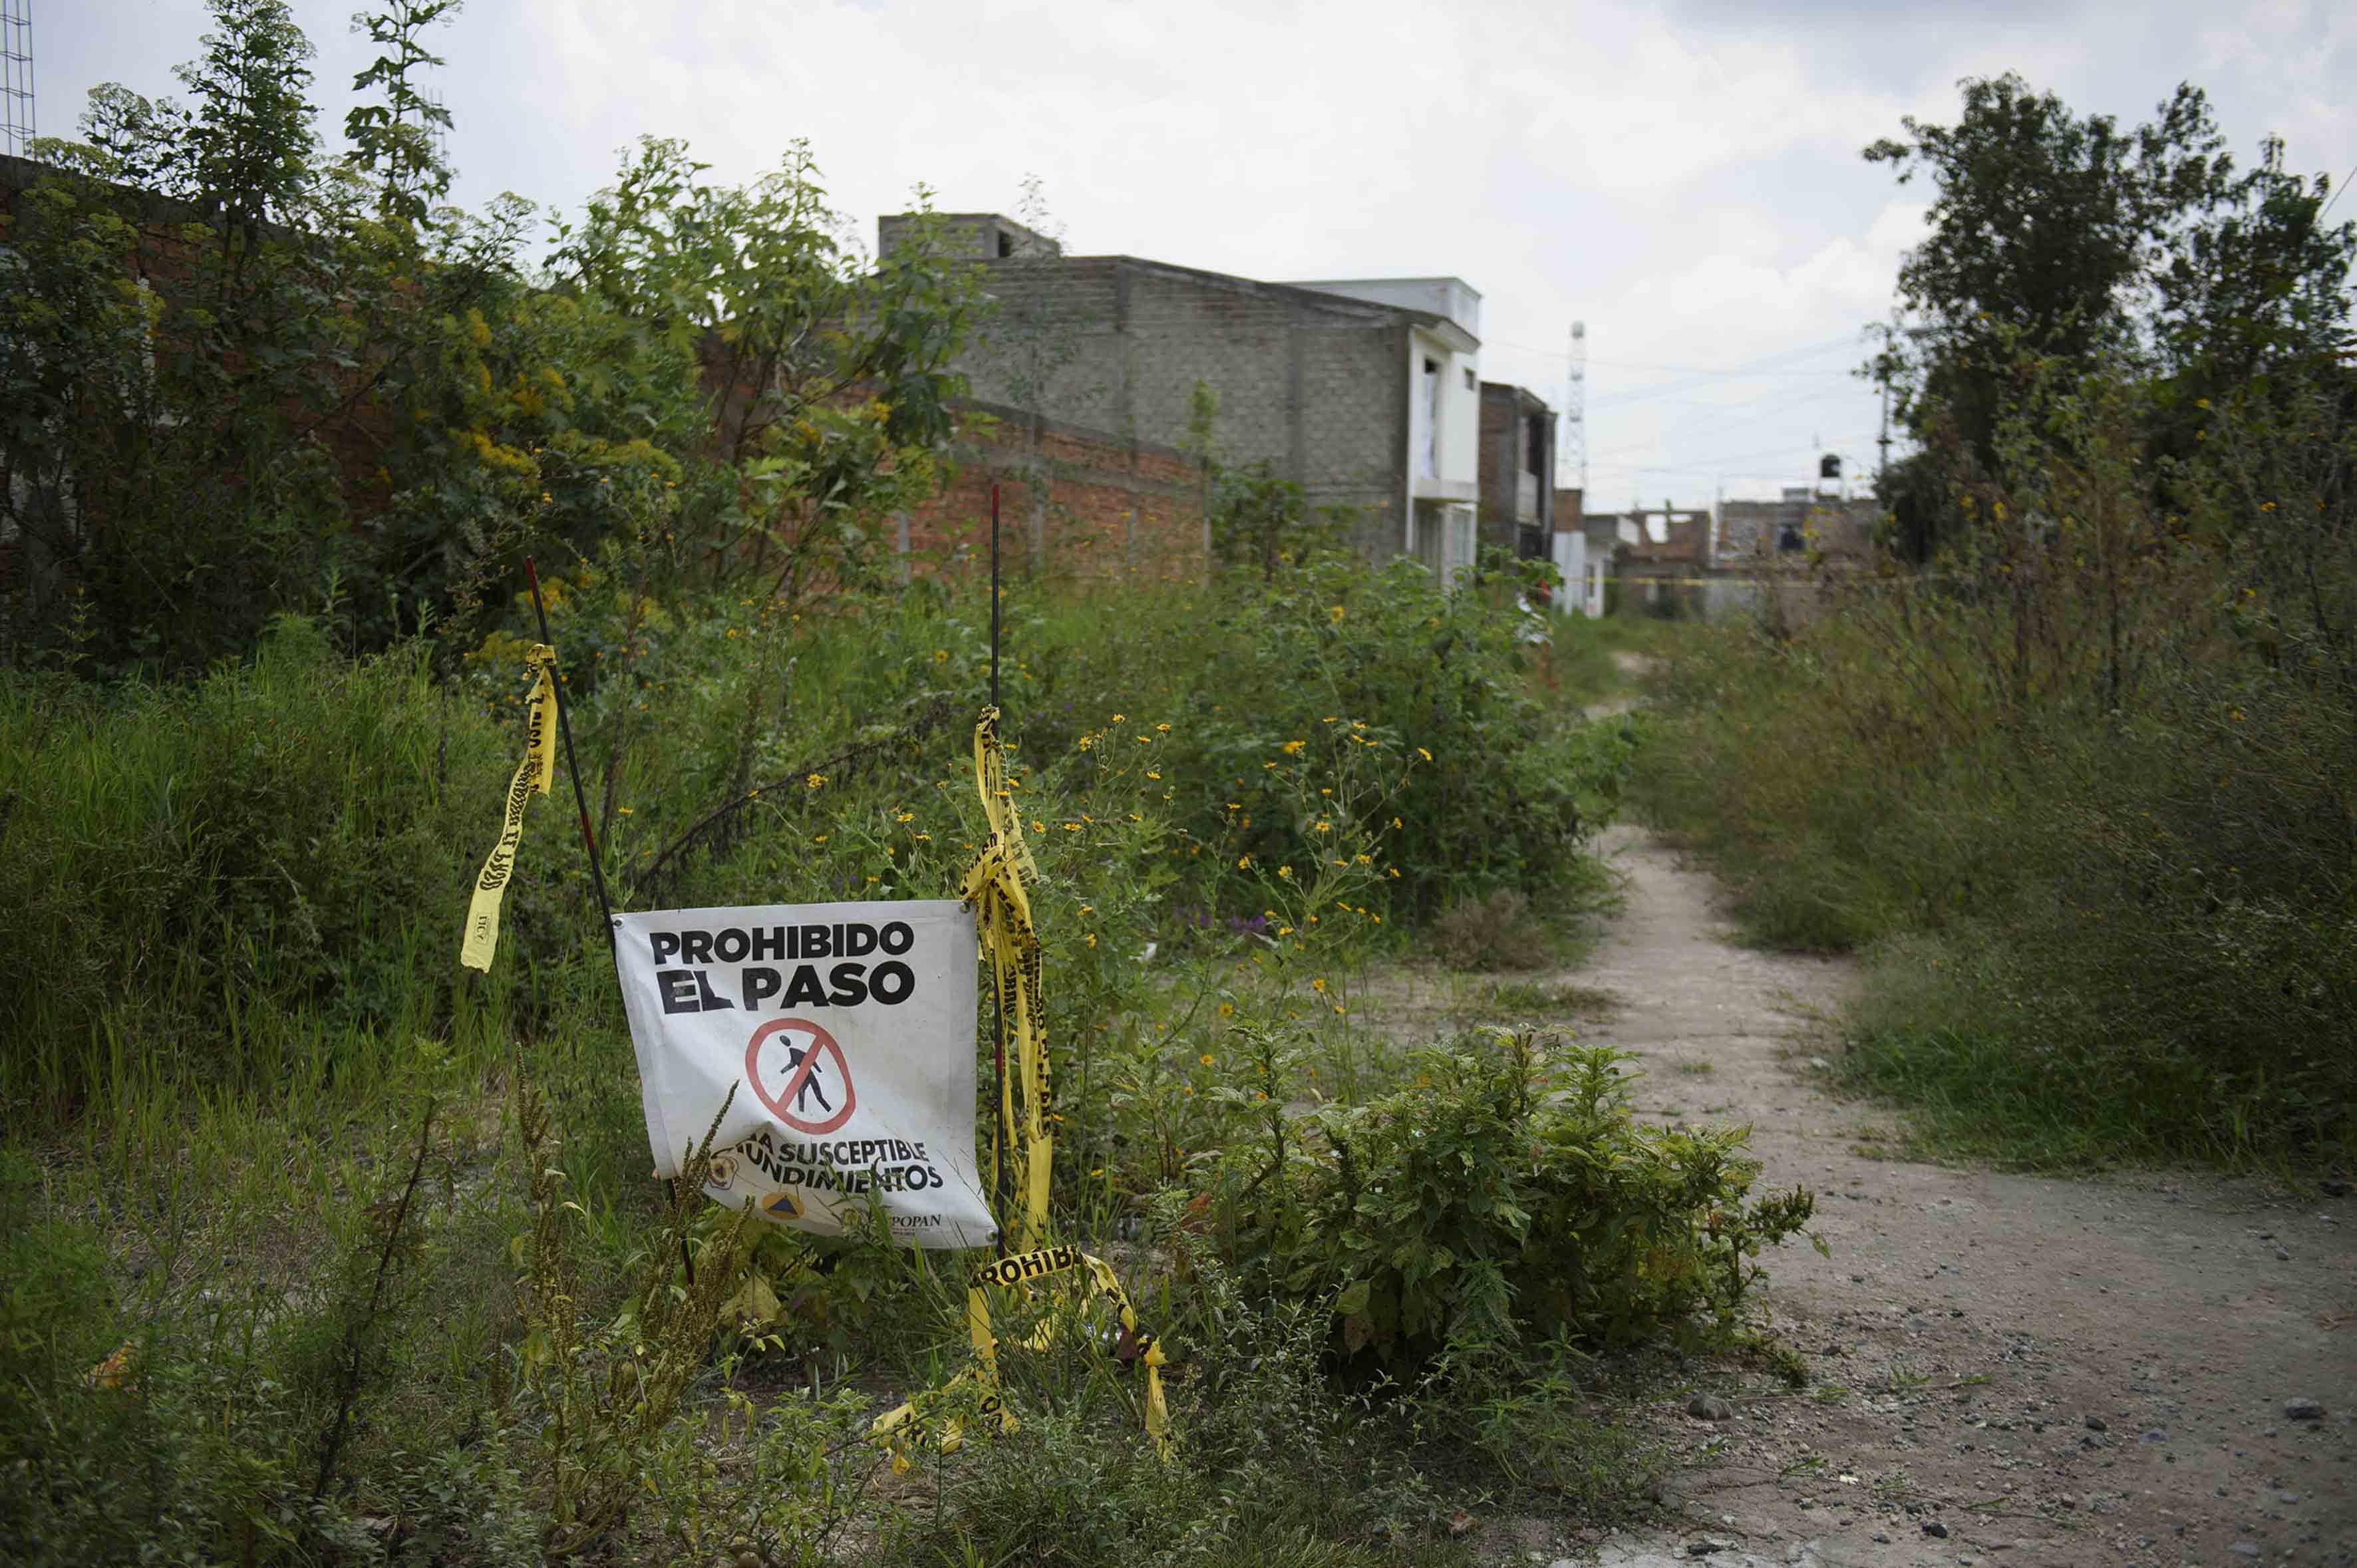 Baldio de matorrales con un letrero de prohibido el paso por hundimientos, cercano a zona habitada de nextipac.